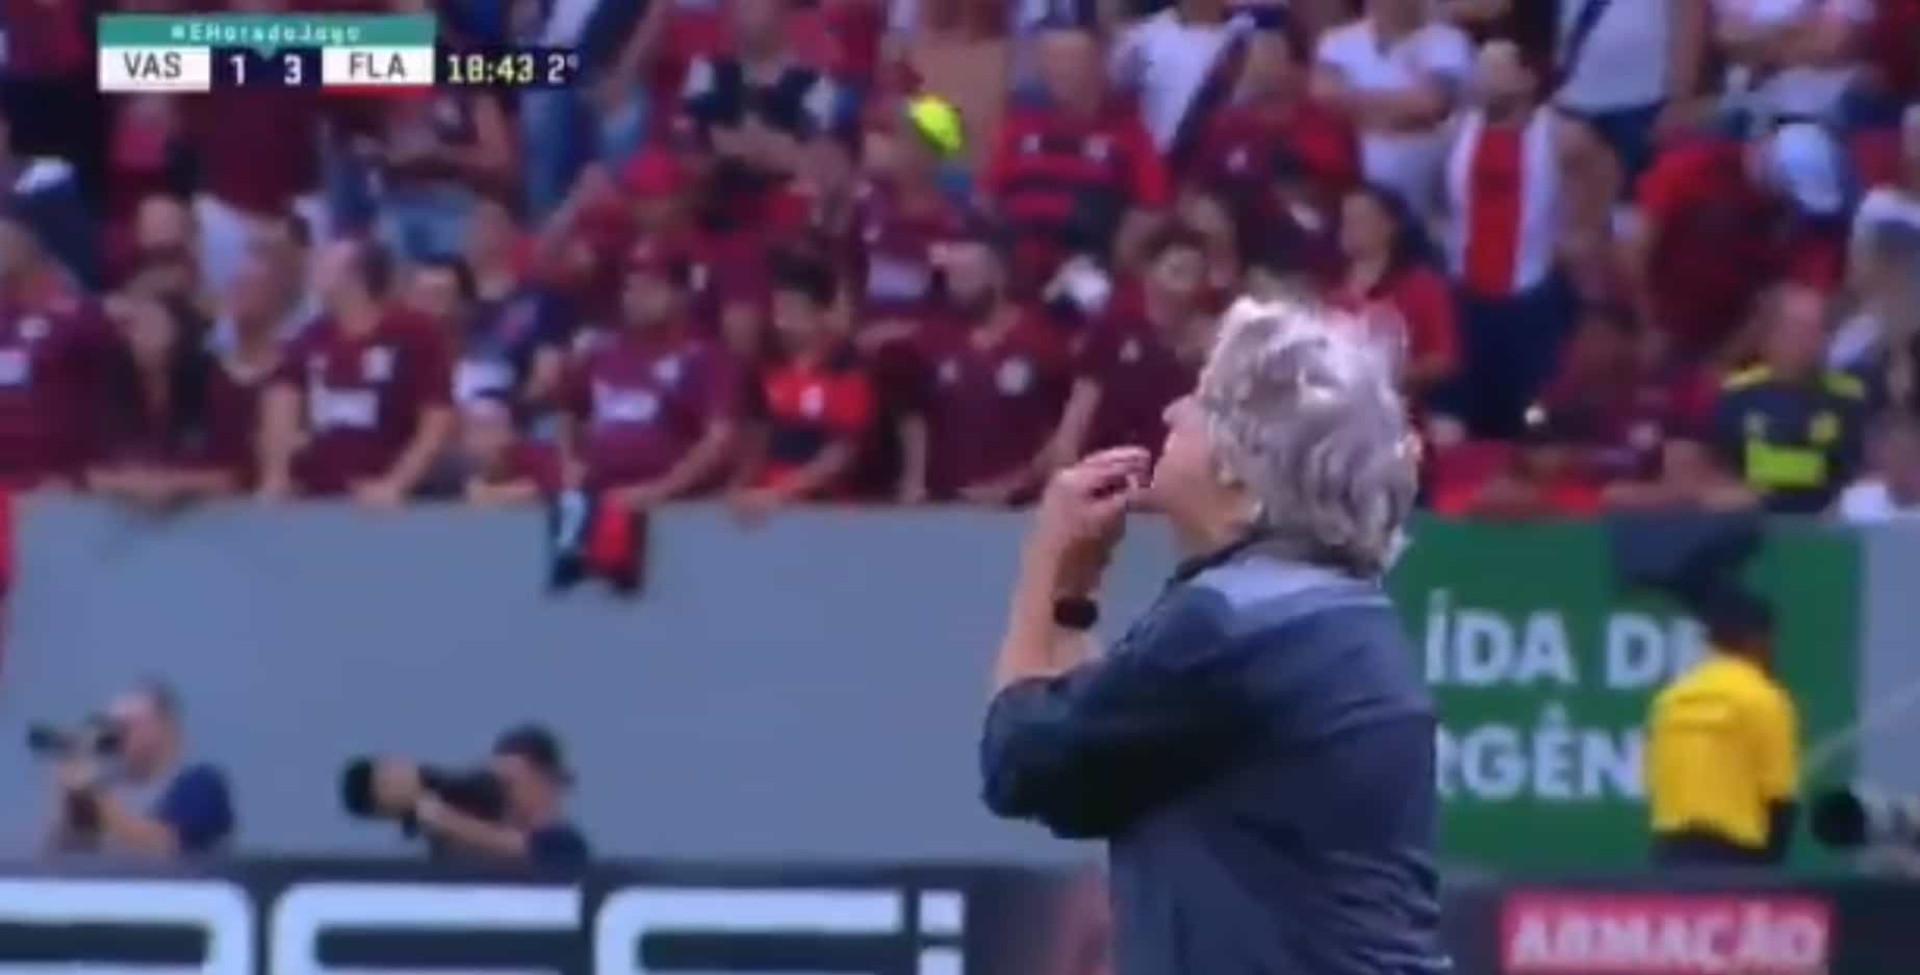 """Flamengo a vencer por 3-1 e treinador furioso: """"O que é isso, Jesus?"""""""